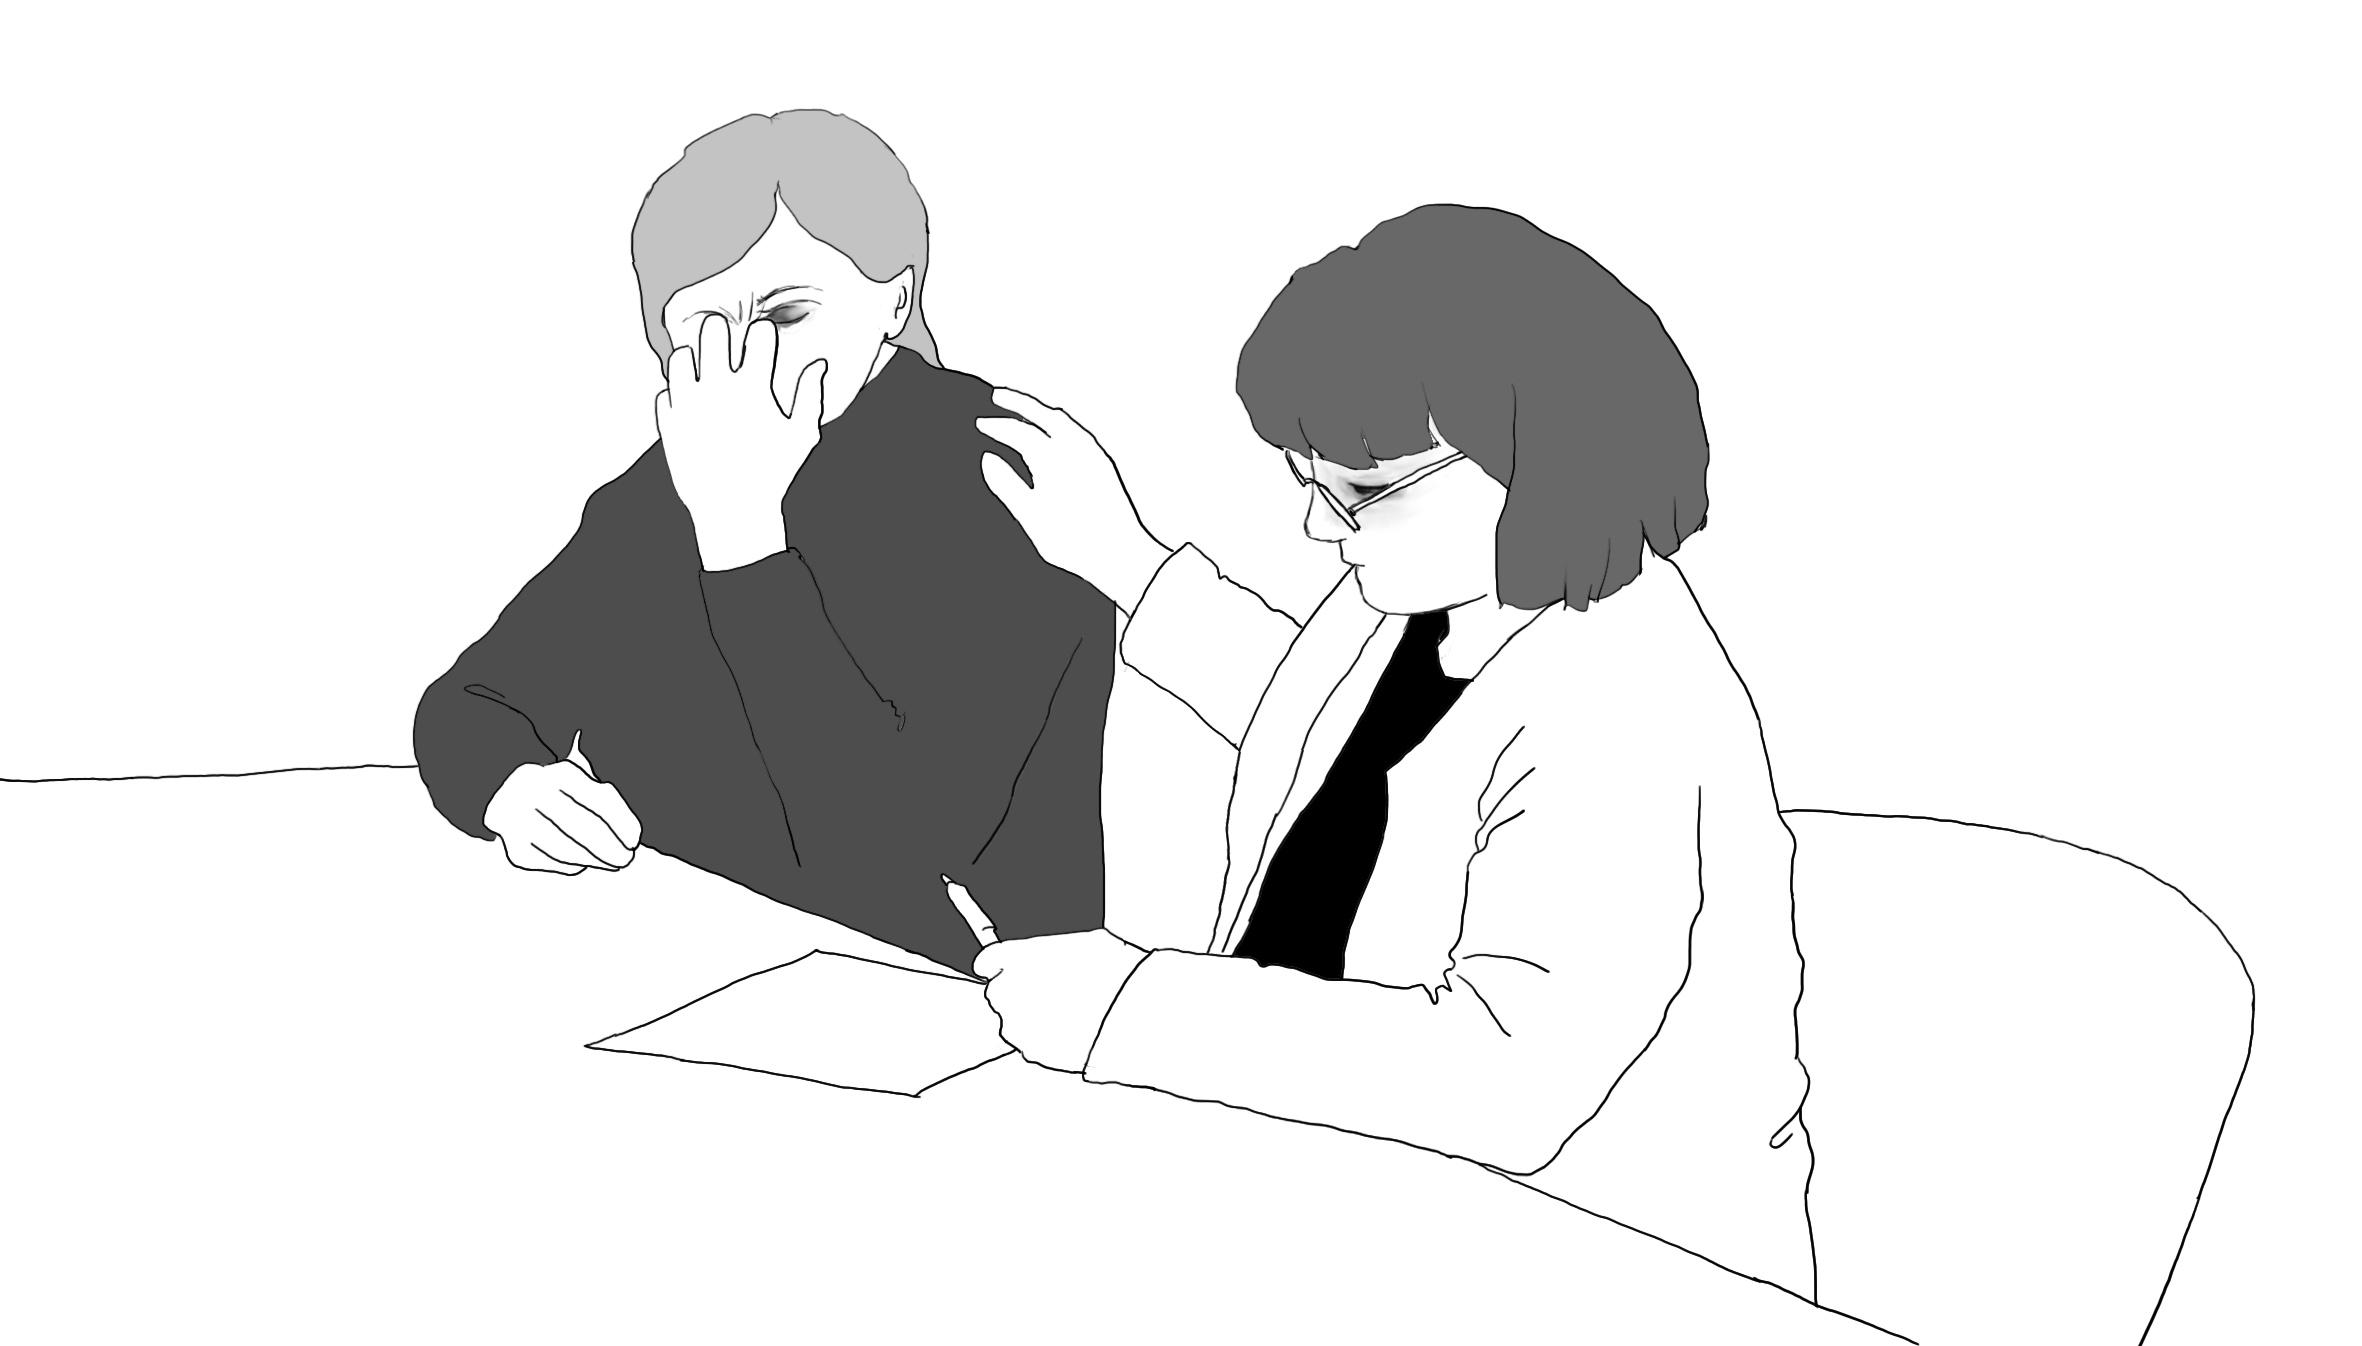 Mikä on tunteiden rooli työterveysneuvotteluissa?